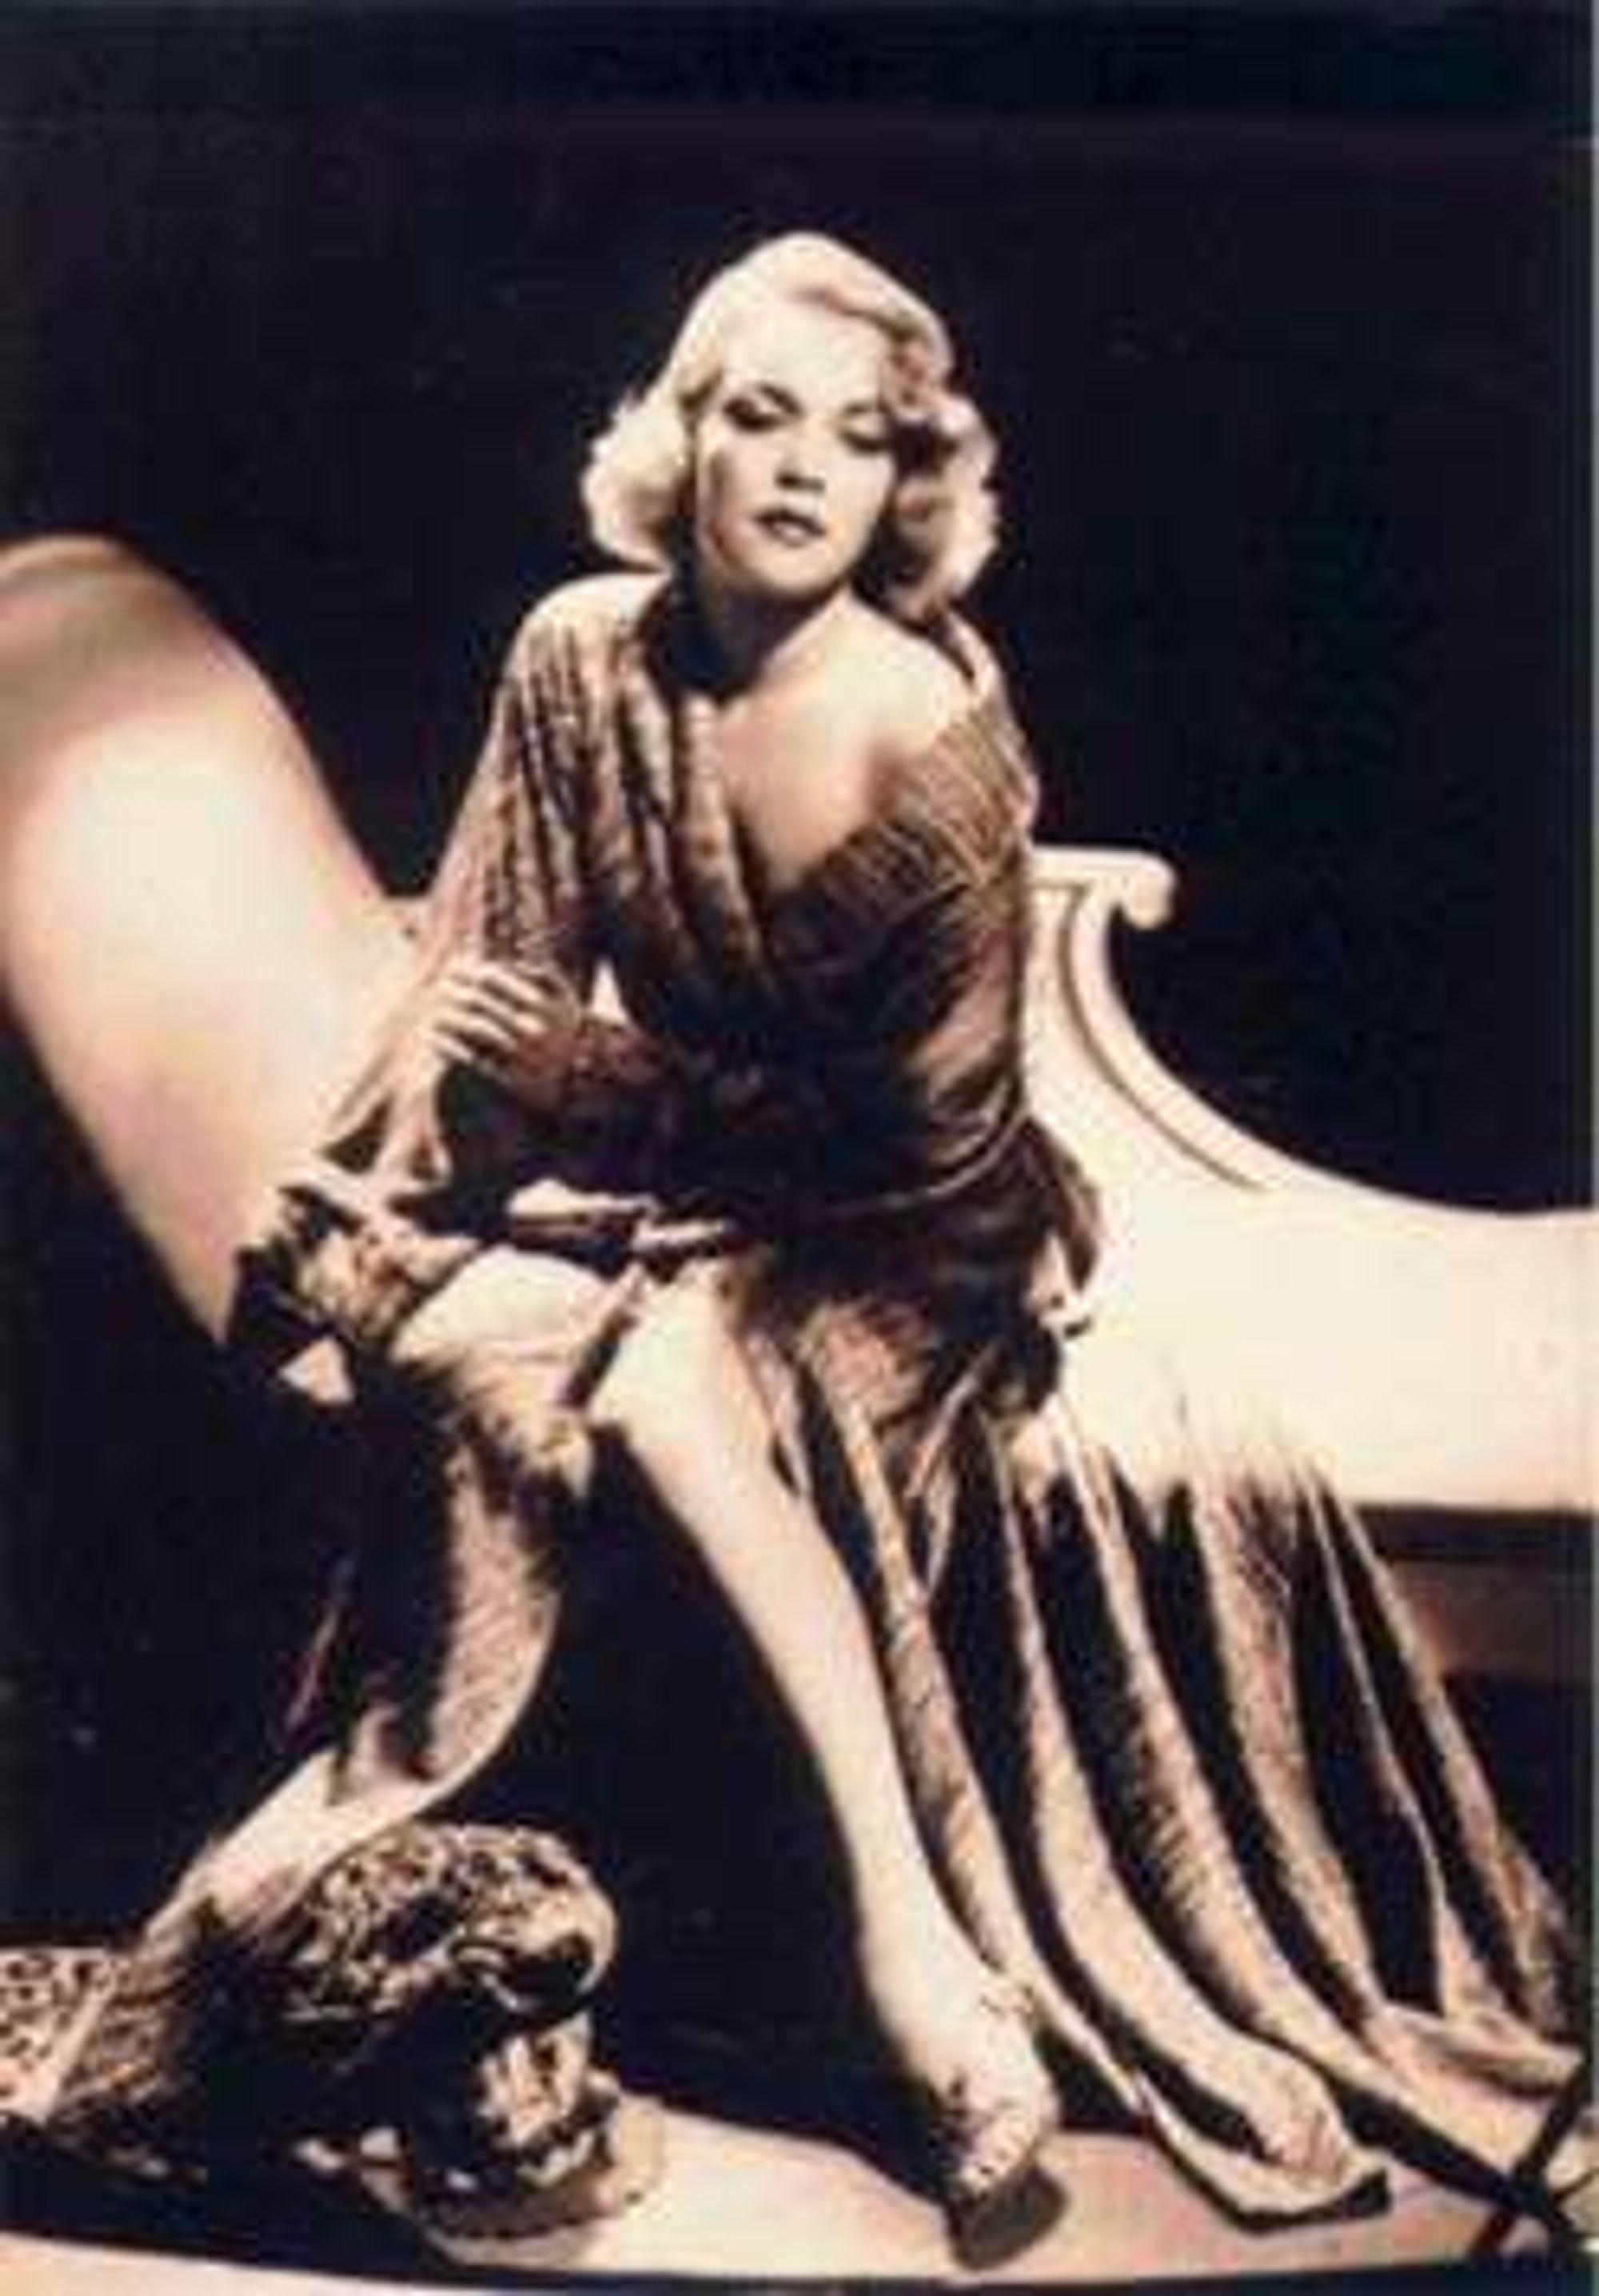 Jane Wyman døde i en alder av 93 år i sitt eget hjem.